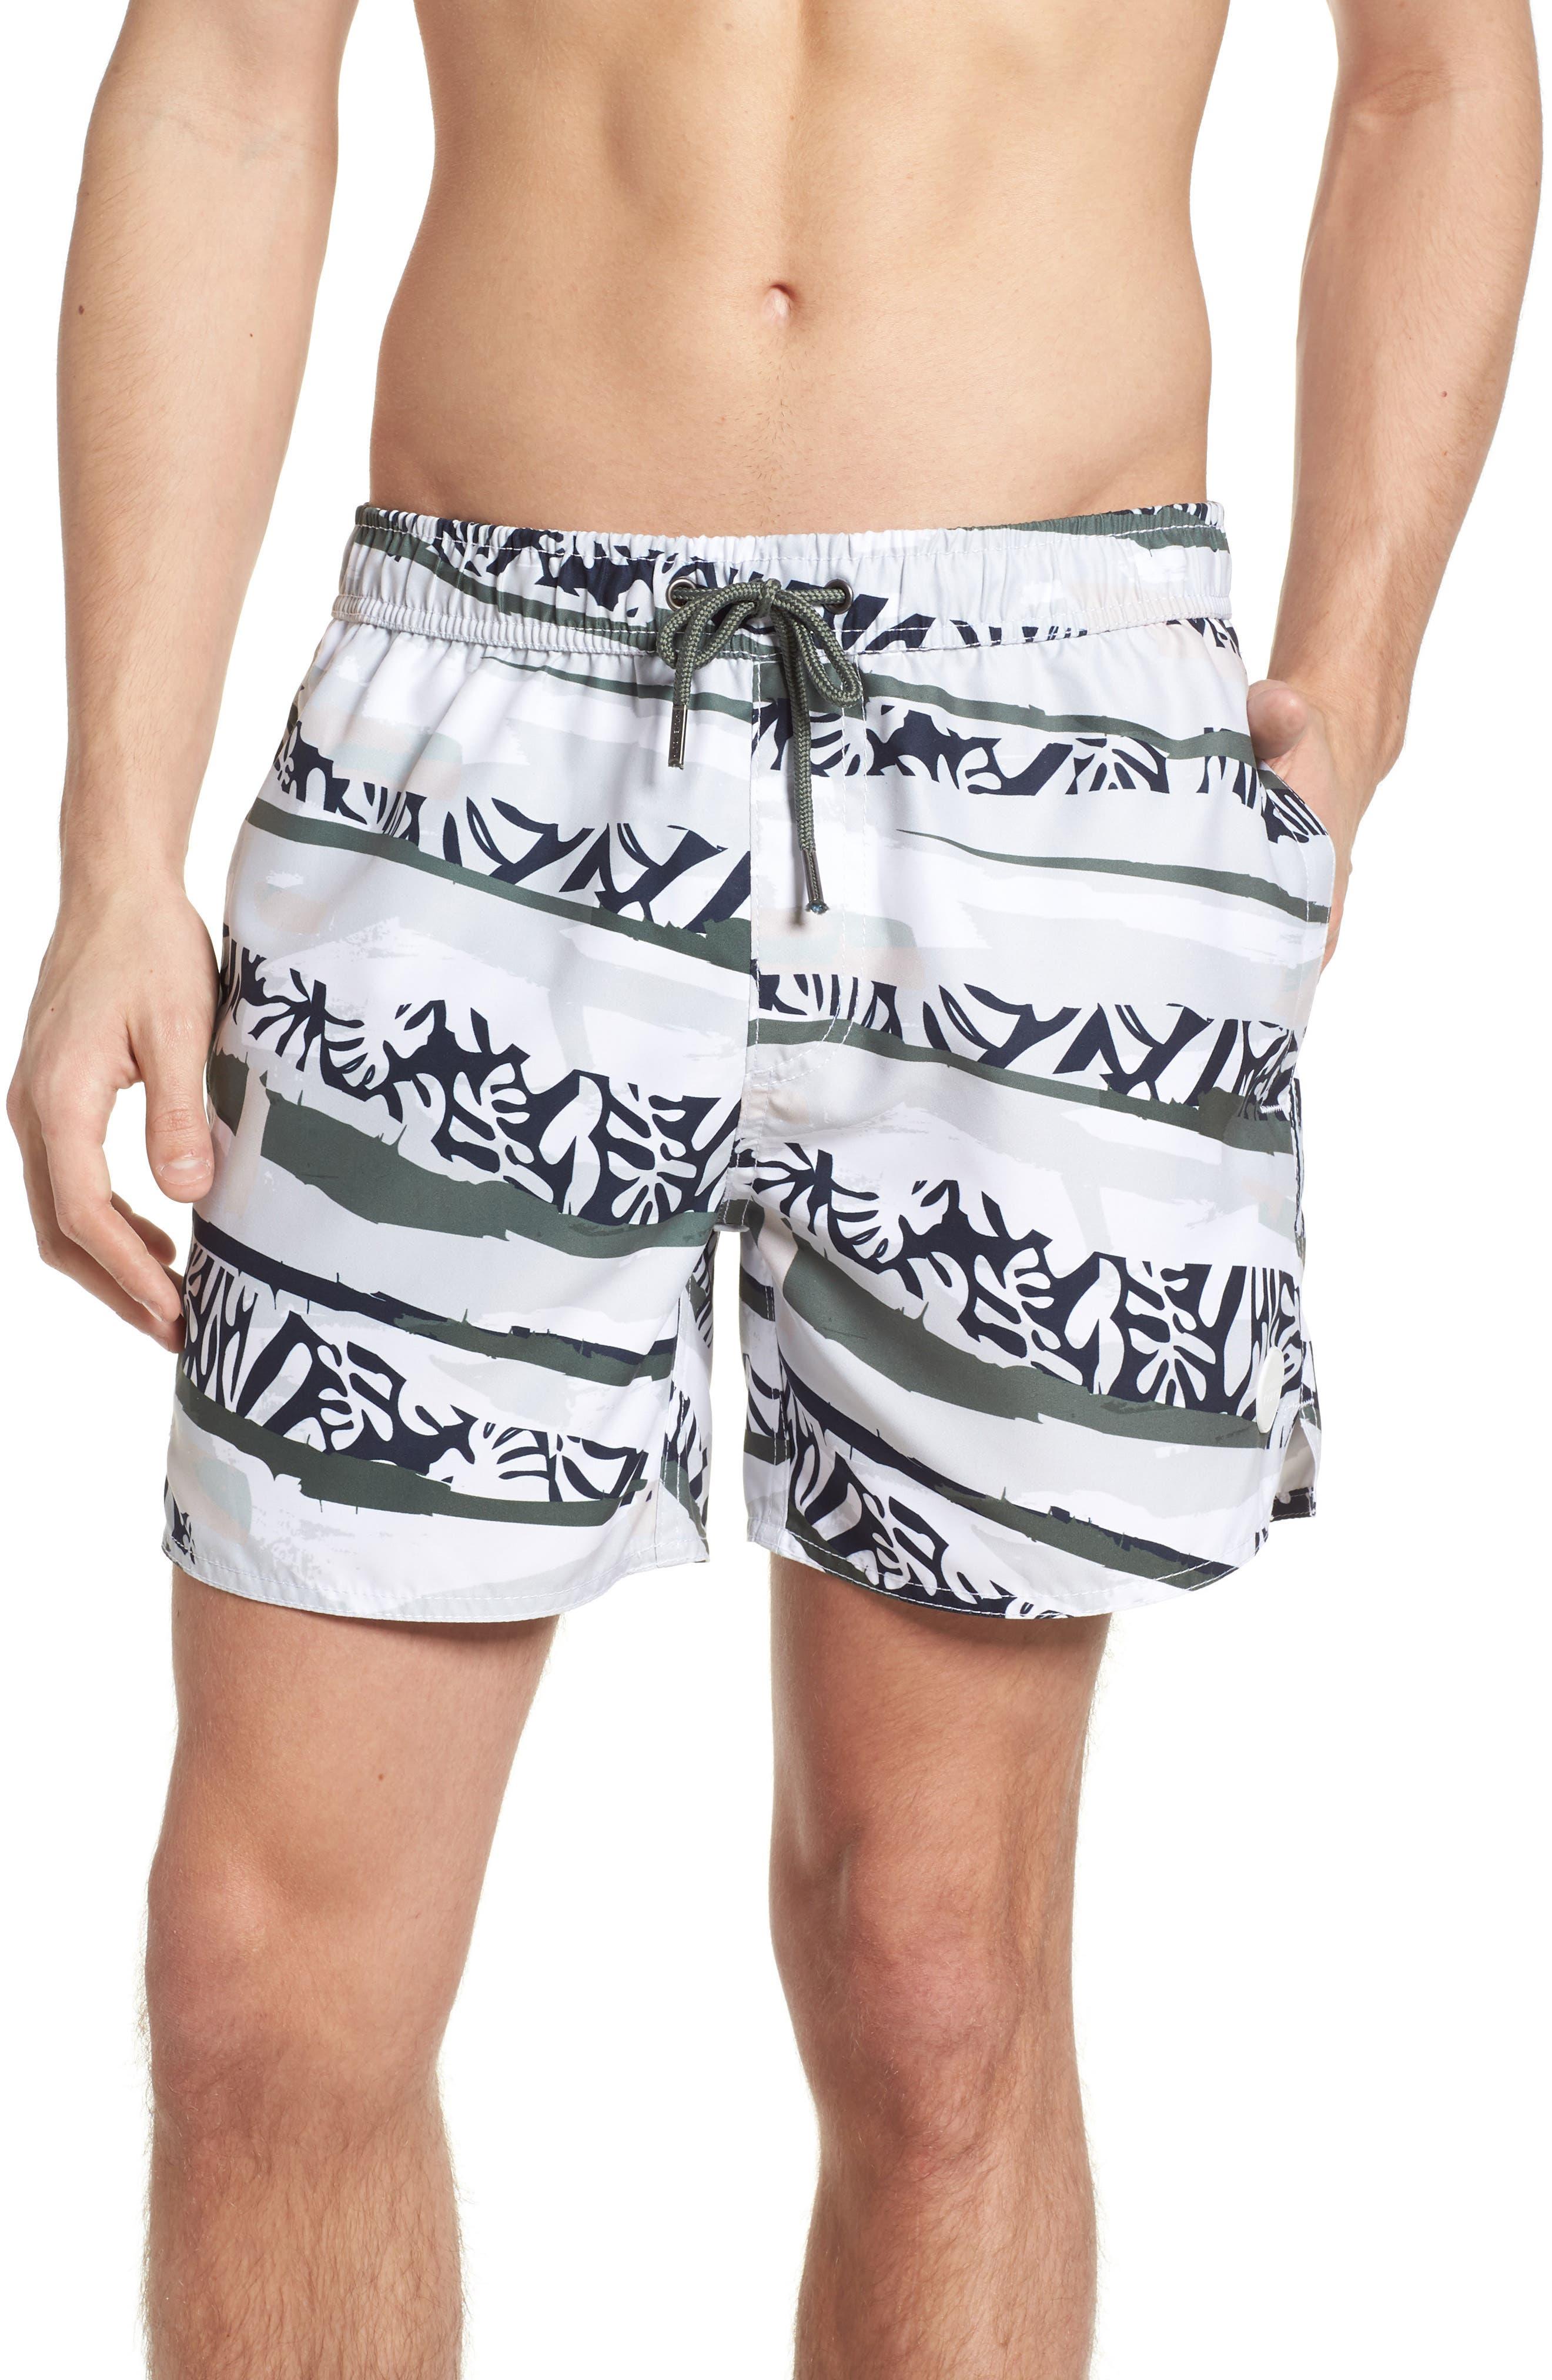 Tropi Camo Swim Trunks,                         Main,                         color, Grey